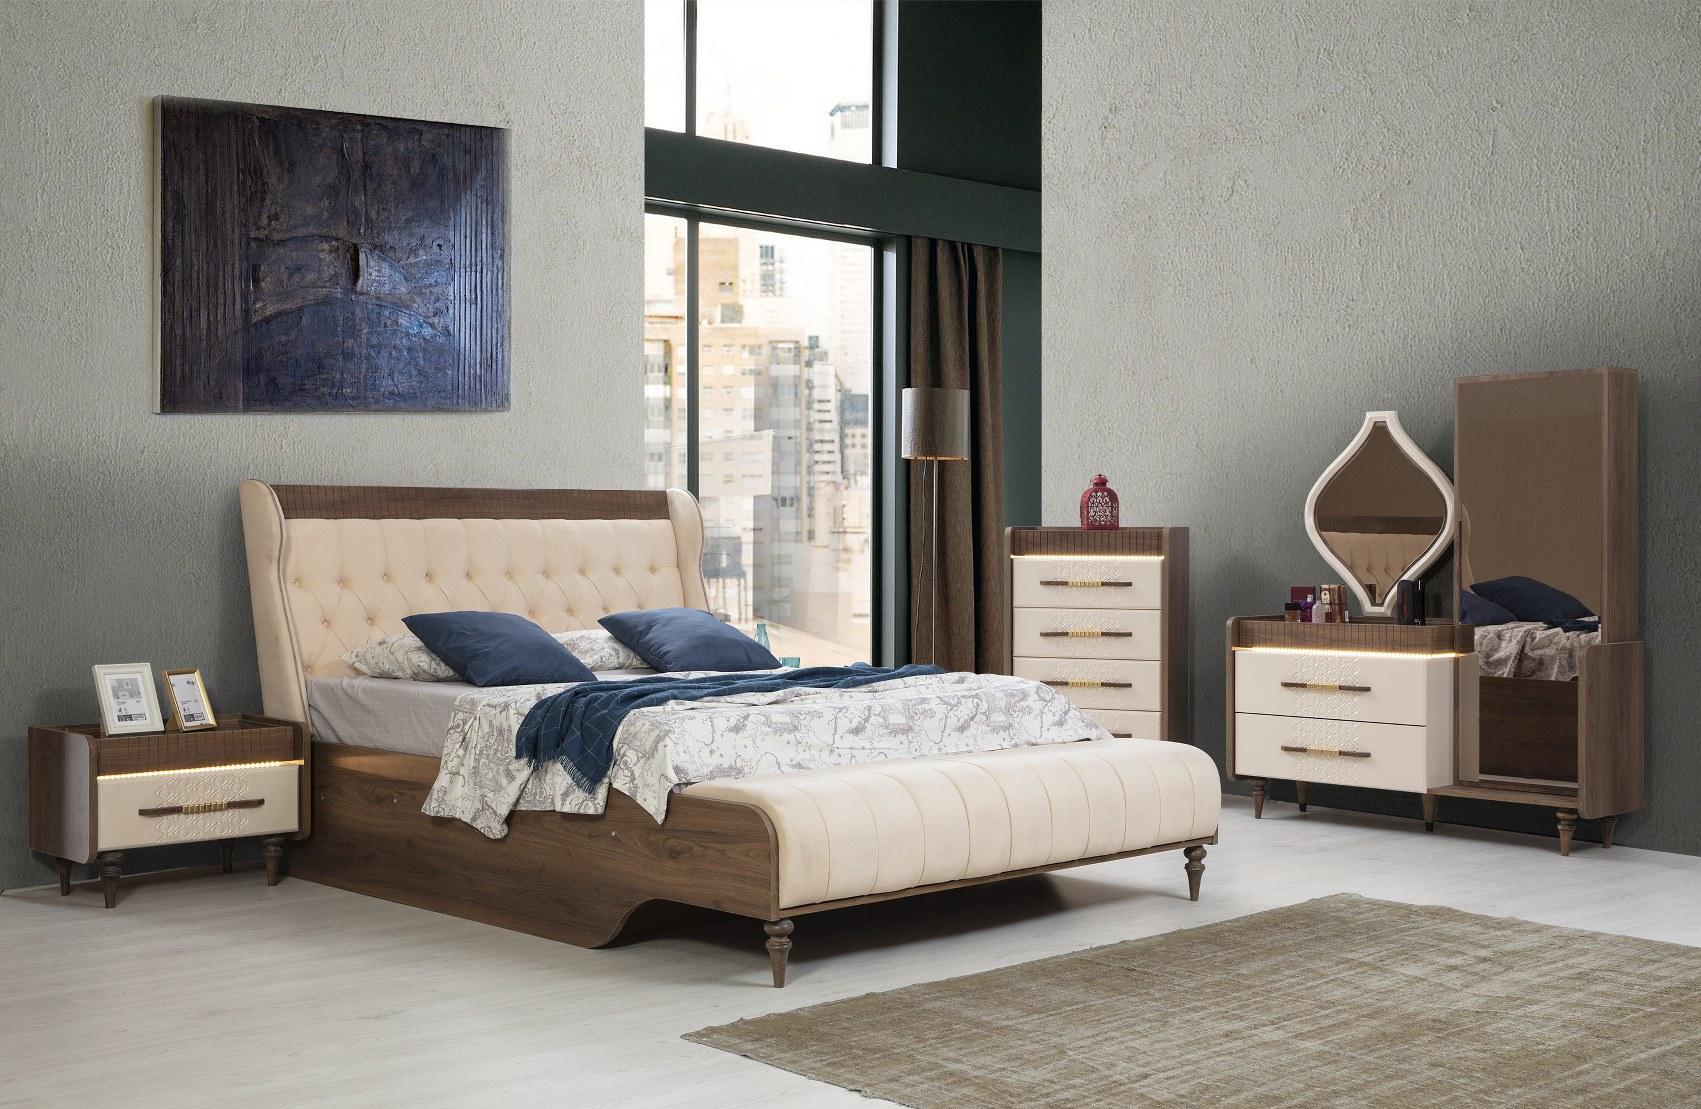 defne yatak odasi (9)